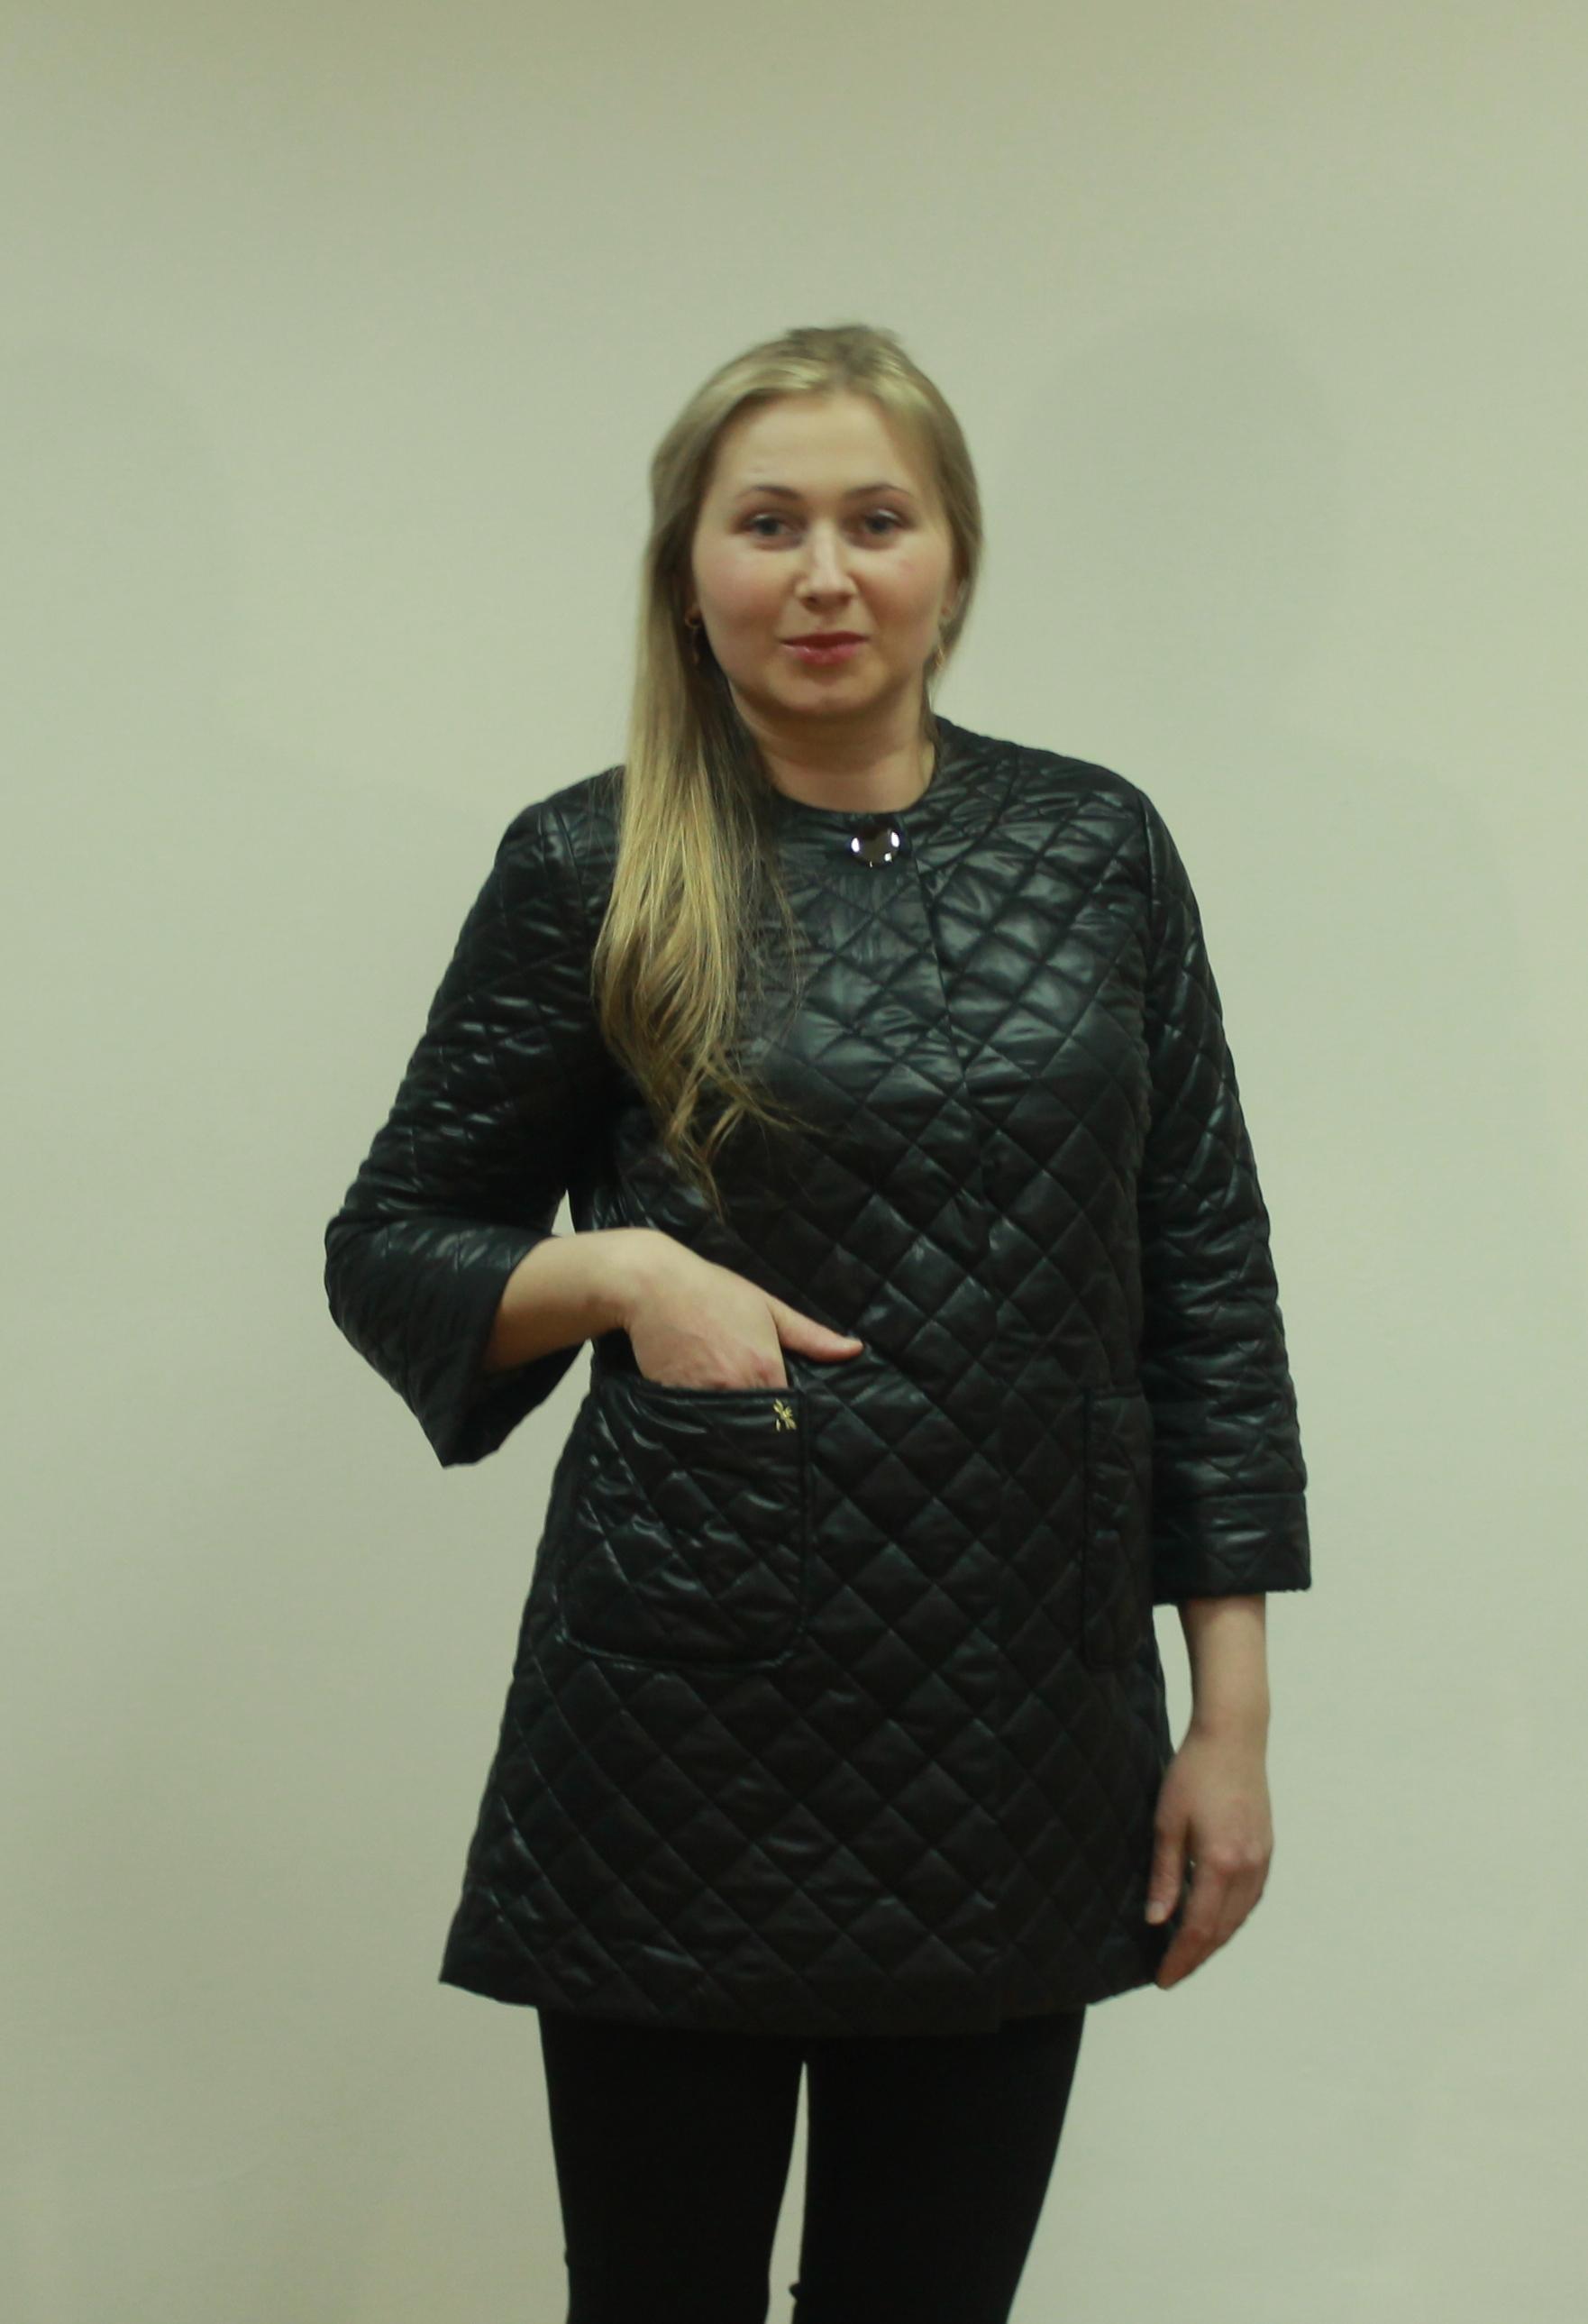 Сбор заказов. Женская верхняя одежда отличного качества по приемлемой цене!!! Новый бренд.